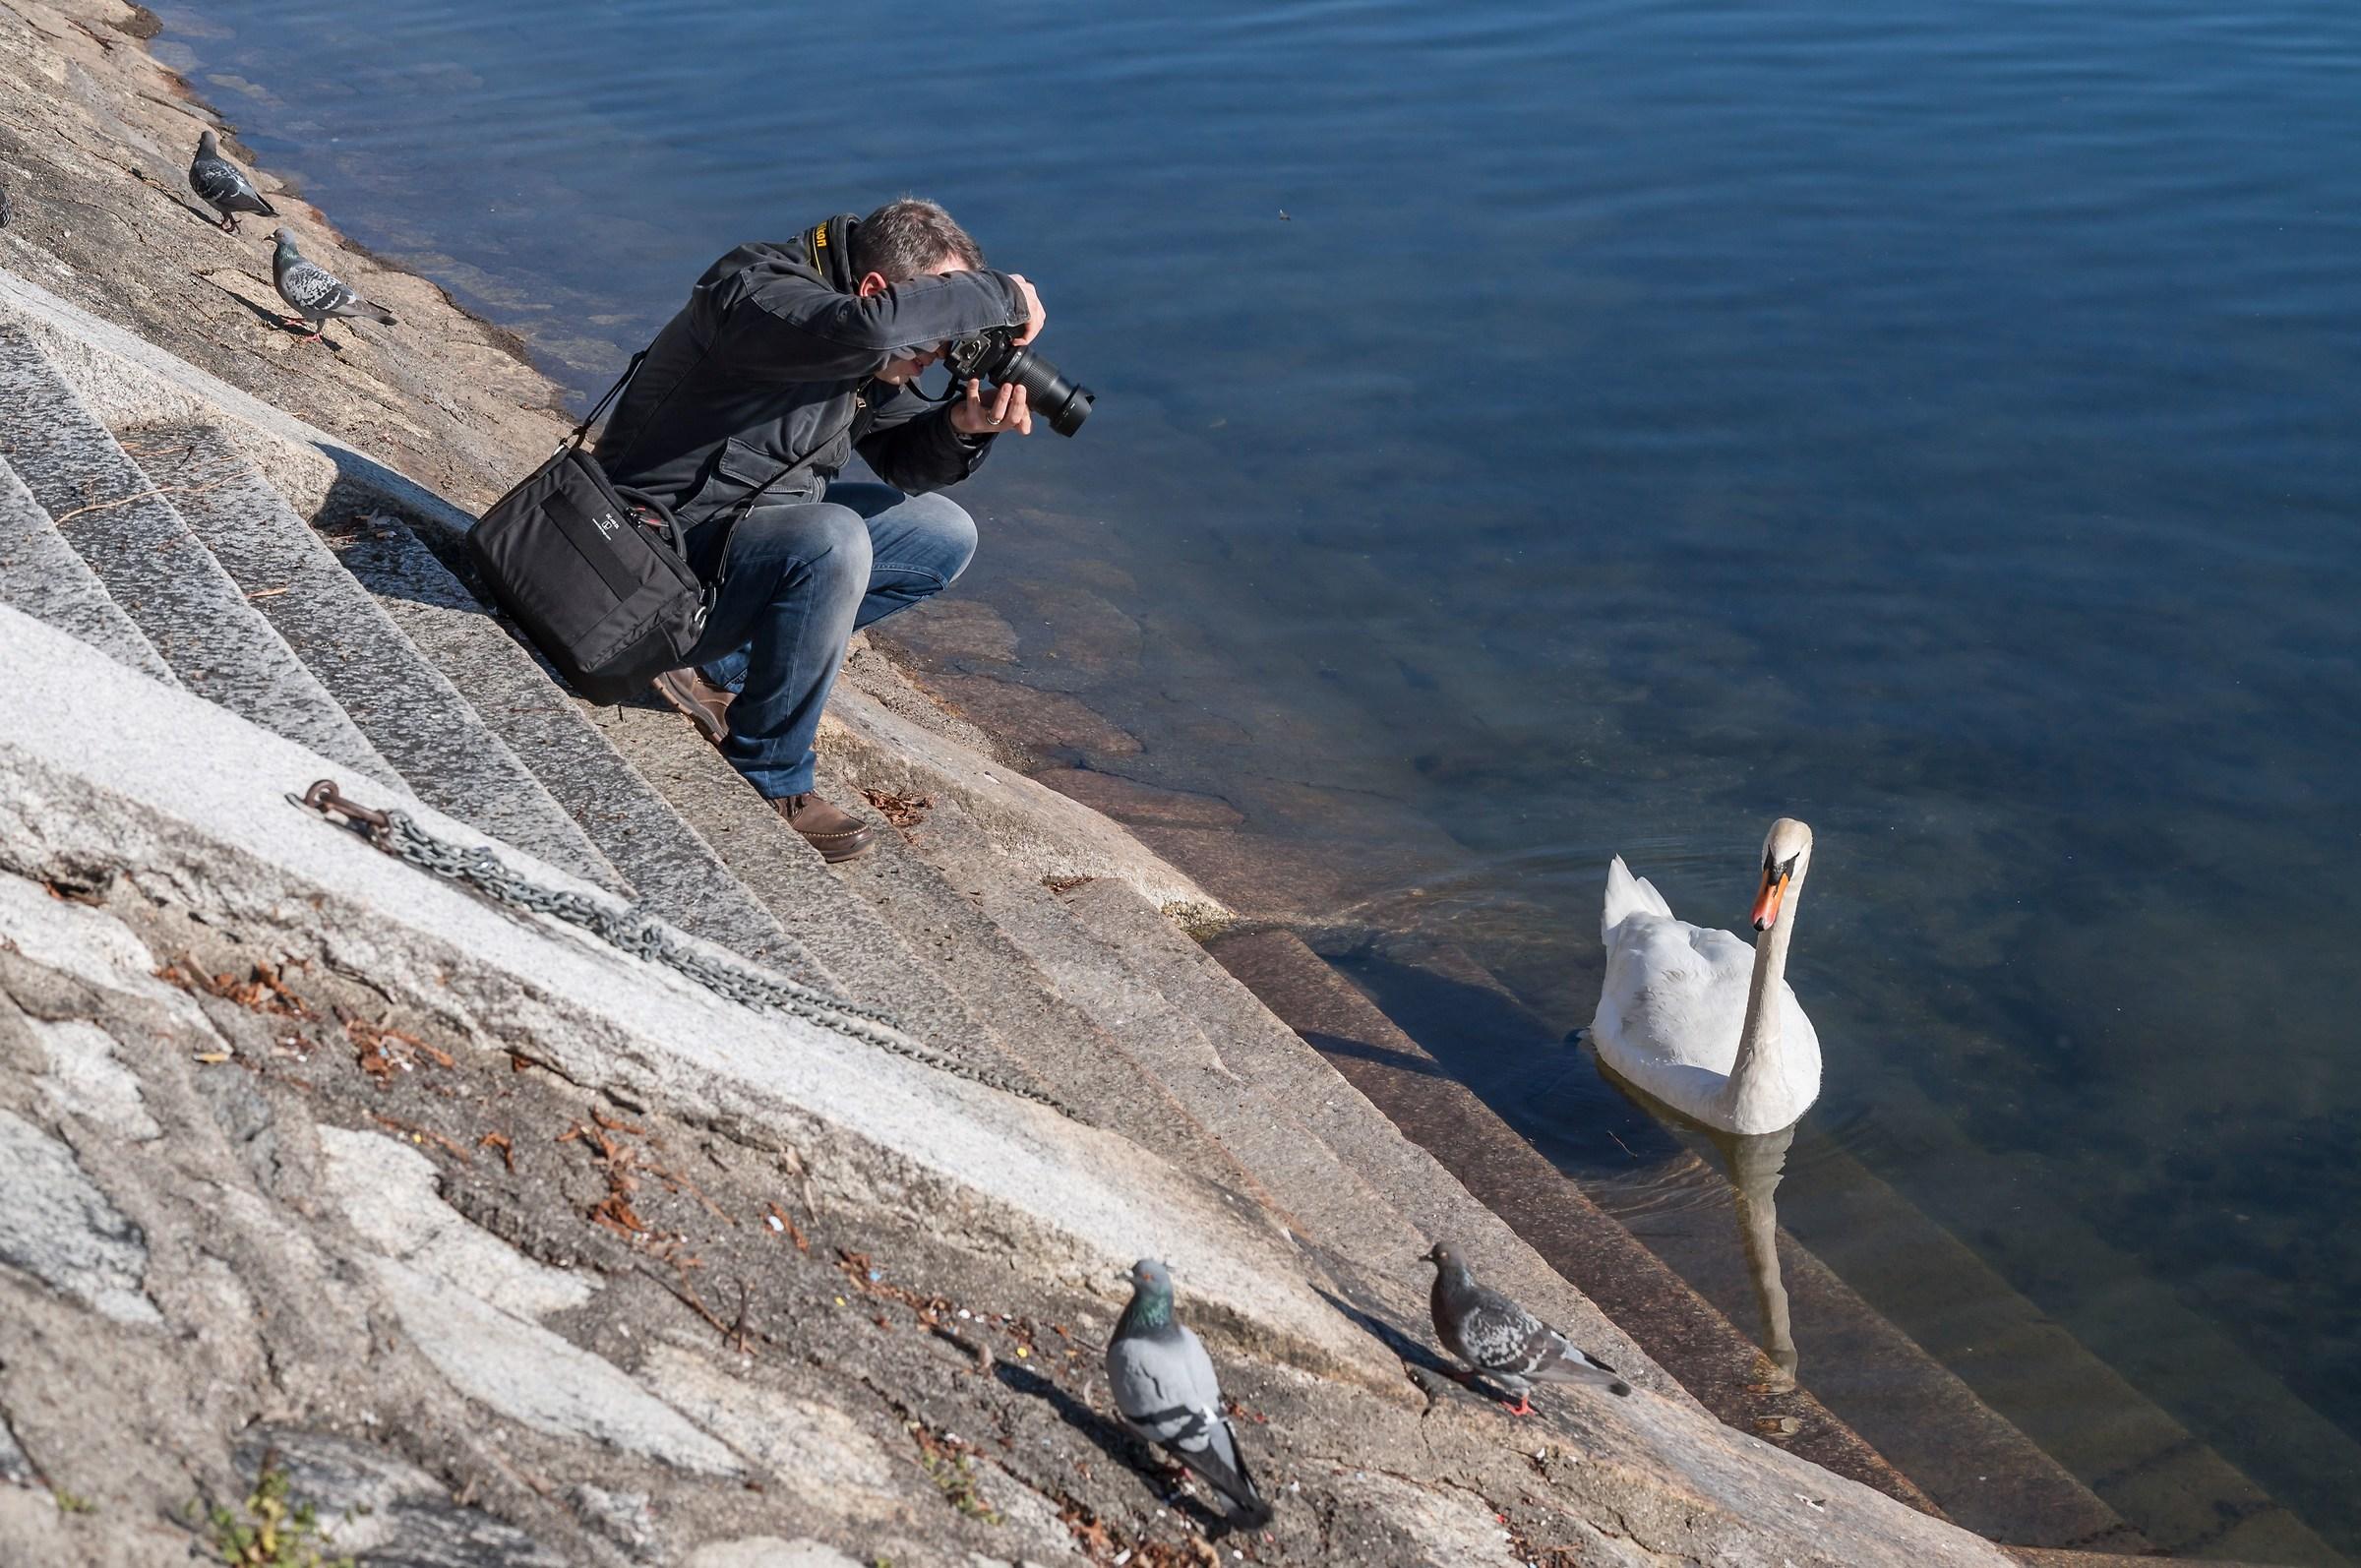 Domenica pomeriggio di marzo - Fotografo fotografato 2...